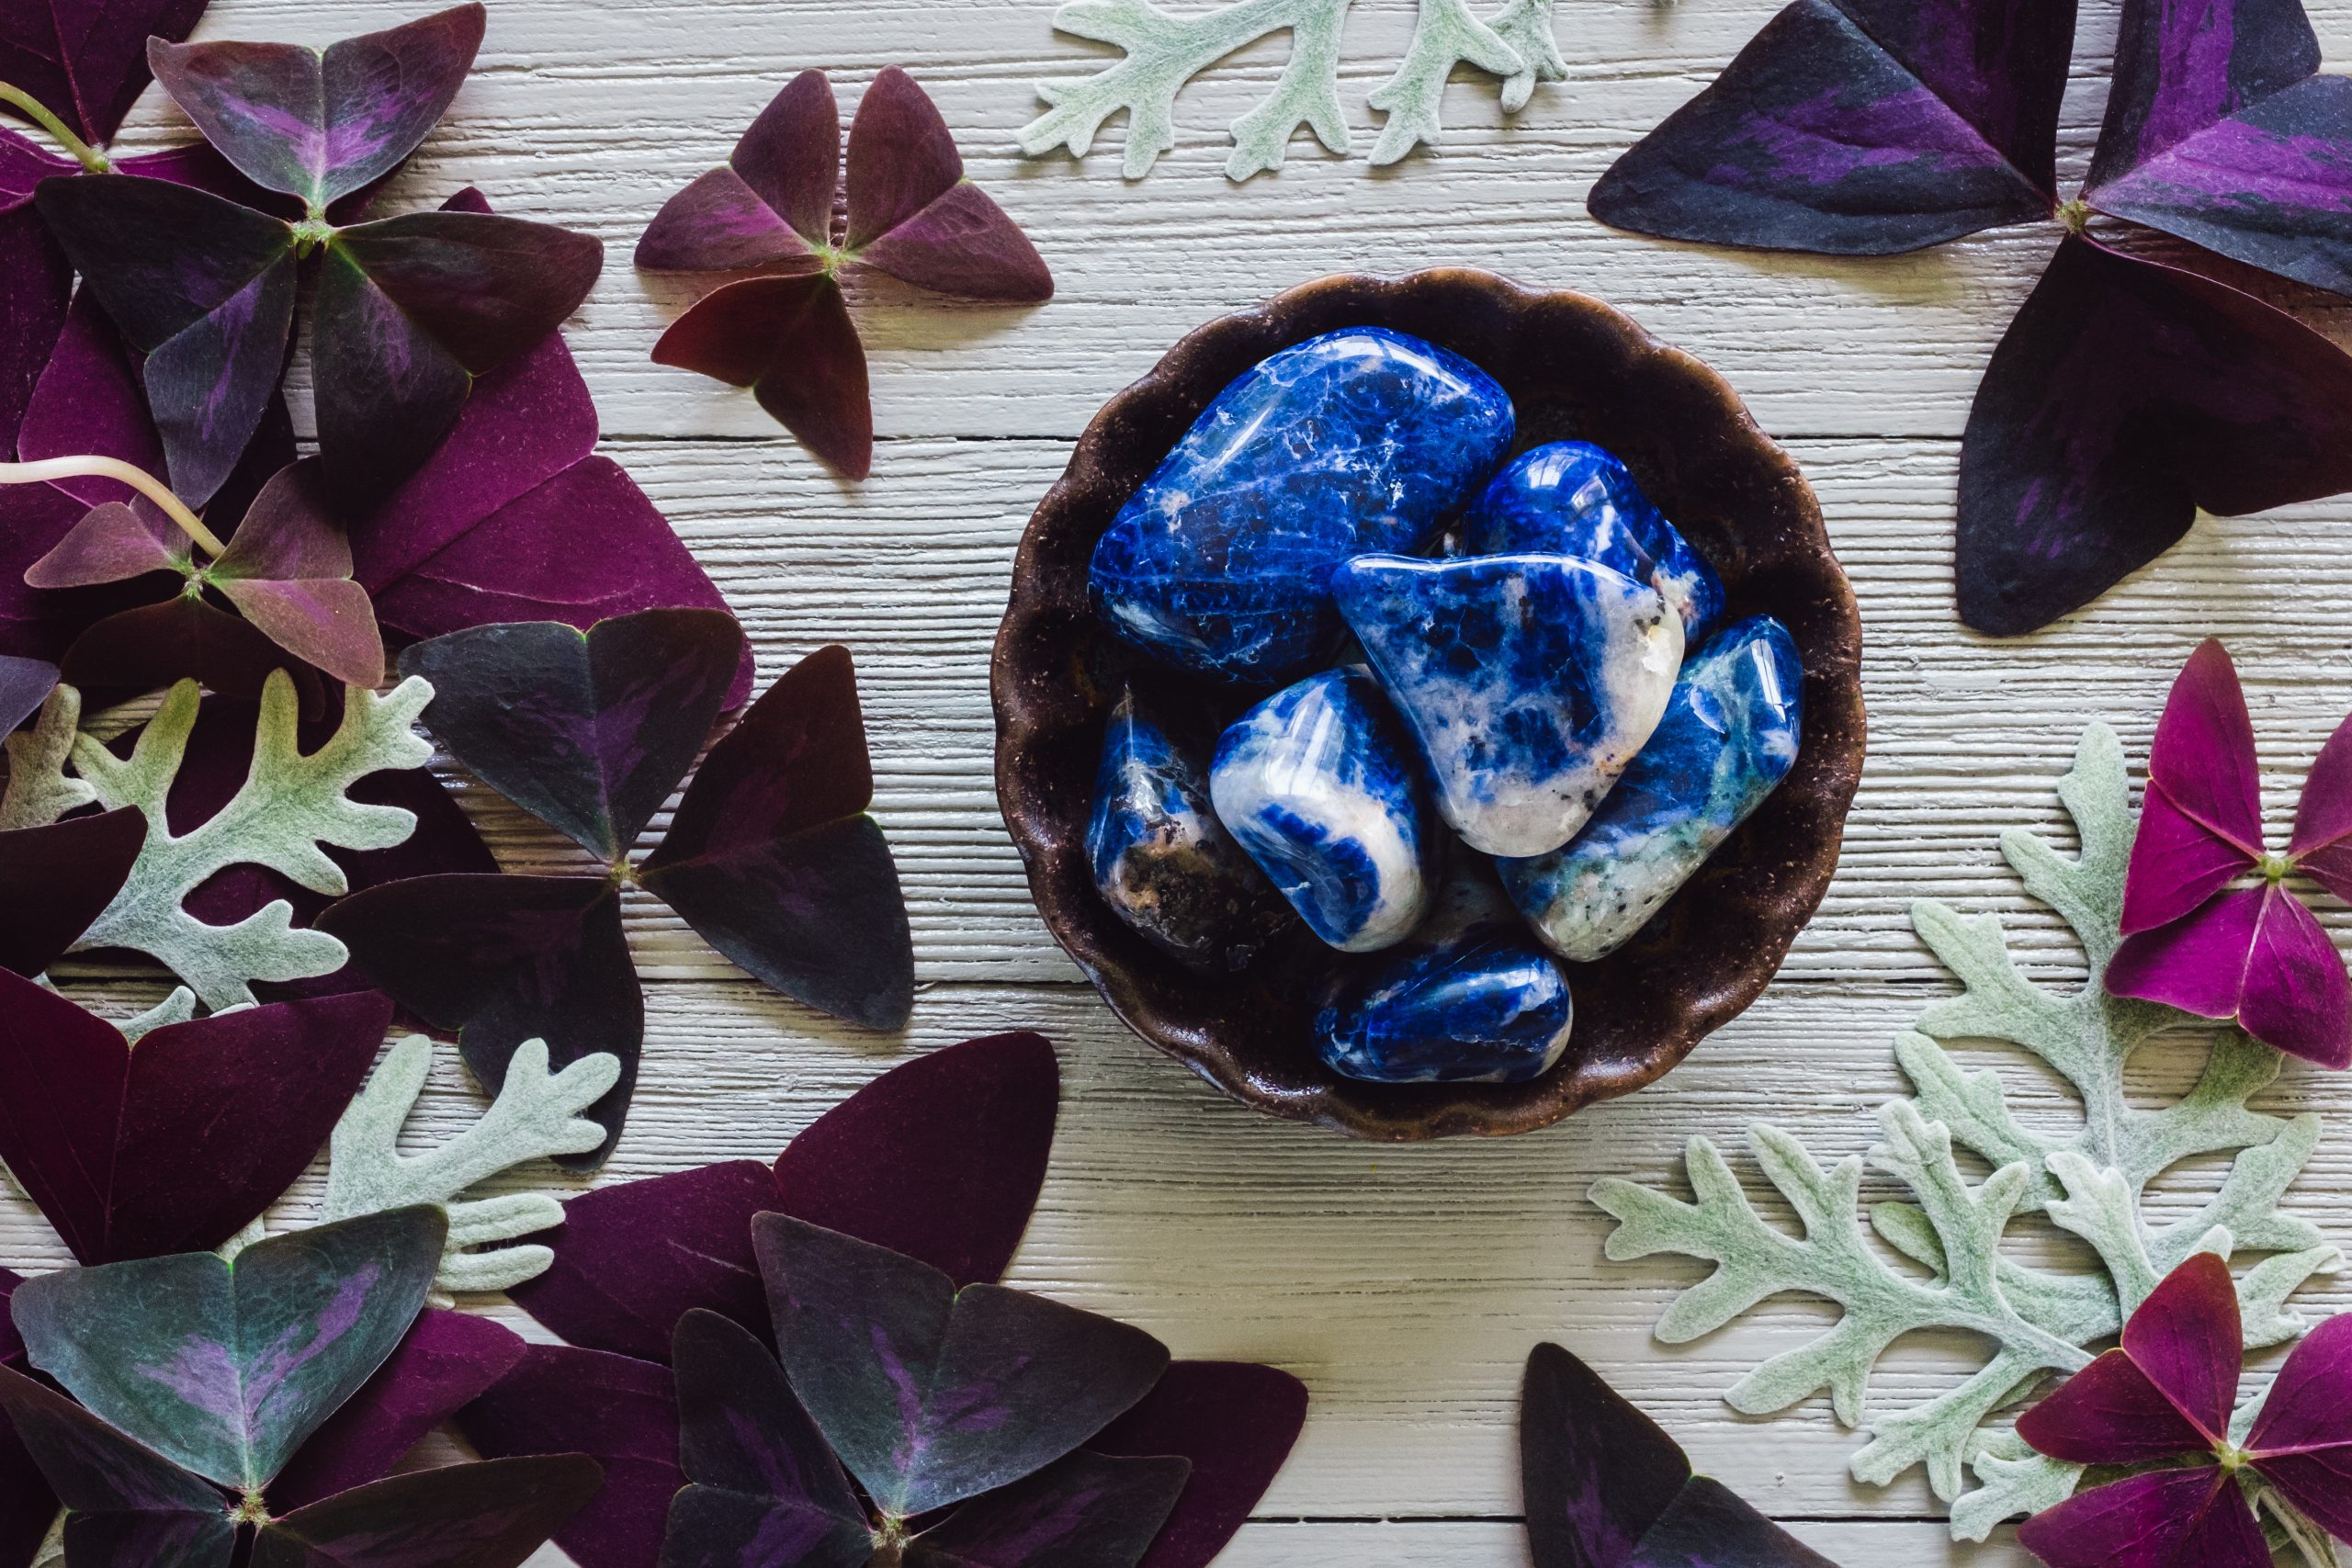 sodalite stones in bowl